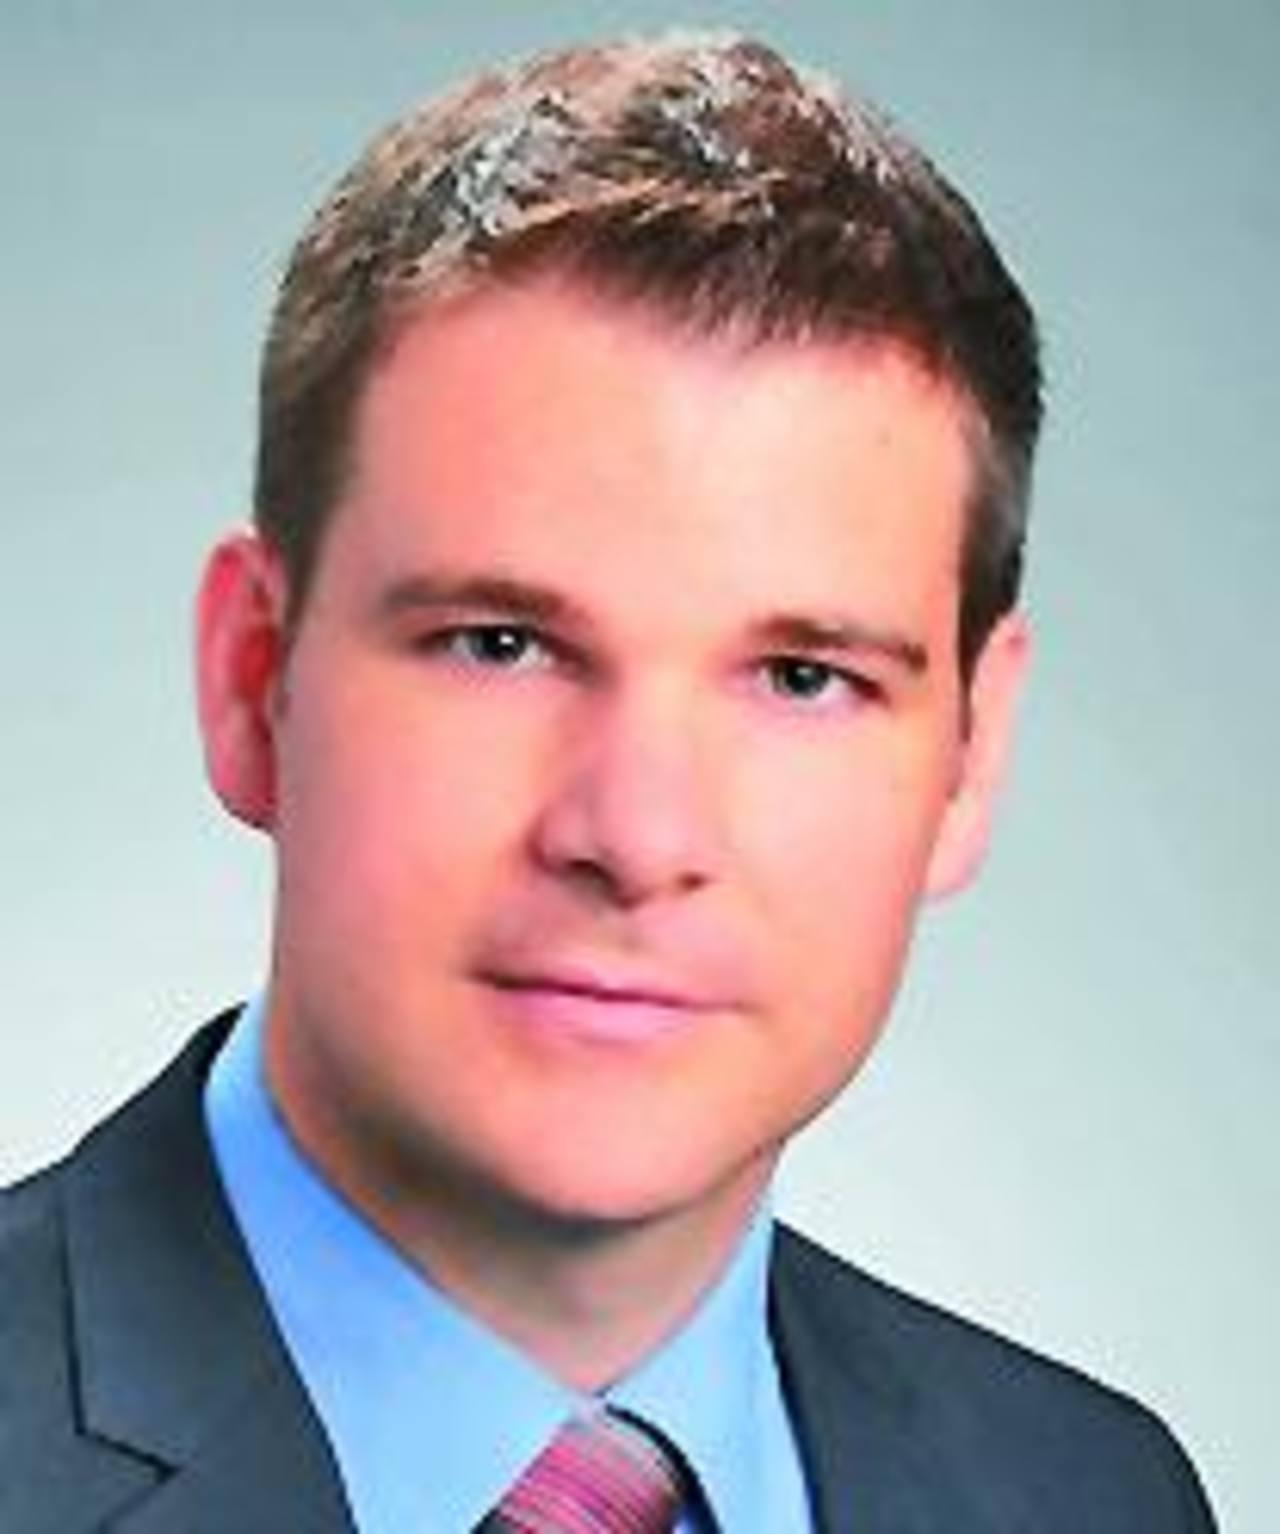 PASCAL ROHNER DIRECTOR DE INVERSIÓN DE PRIVATE INVESTMENT MANAGEMENT EN PANAMÁ prohner@pim-sa.com.pa